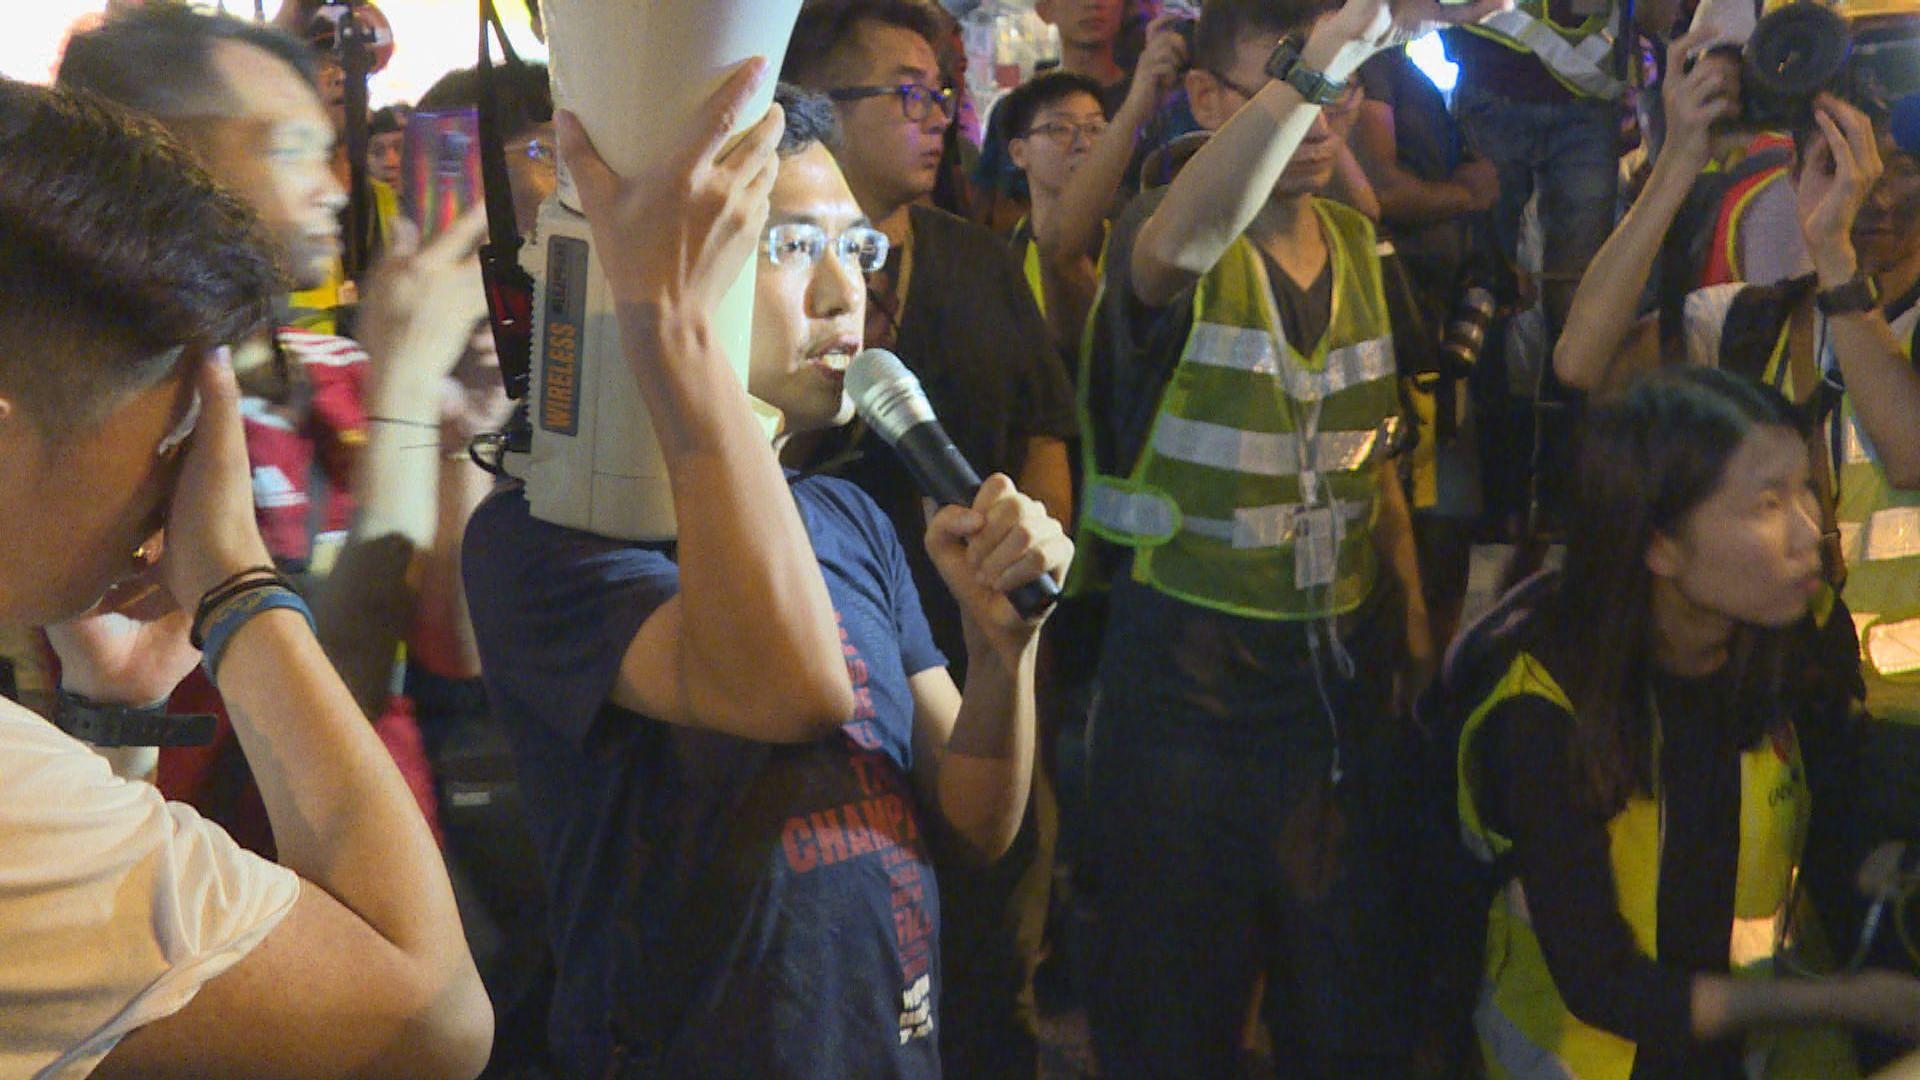 區諾軒被控以揚聲器襲警 稍後裁決